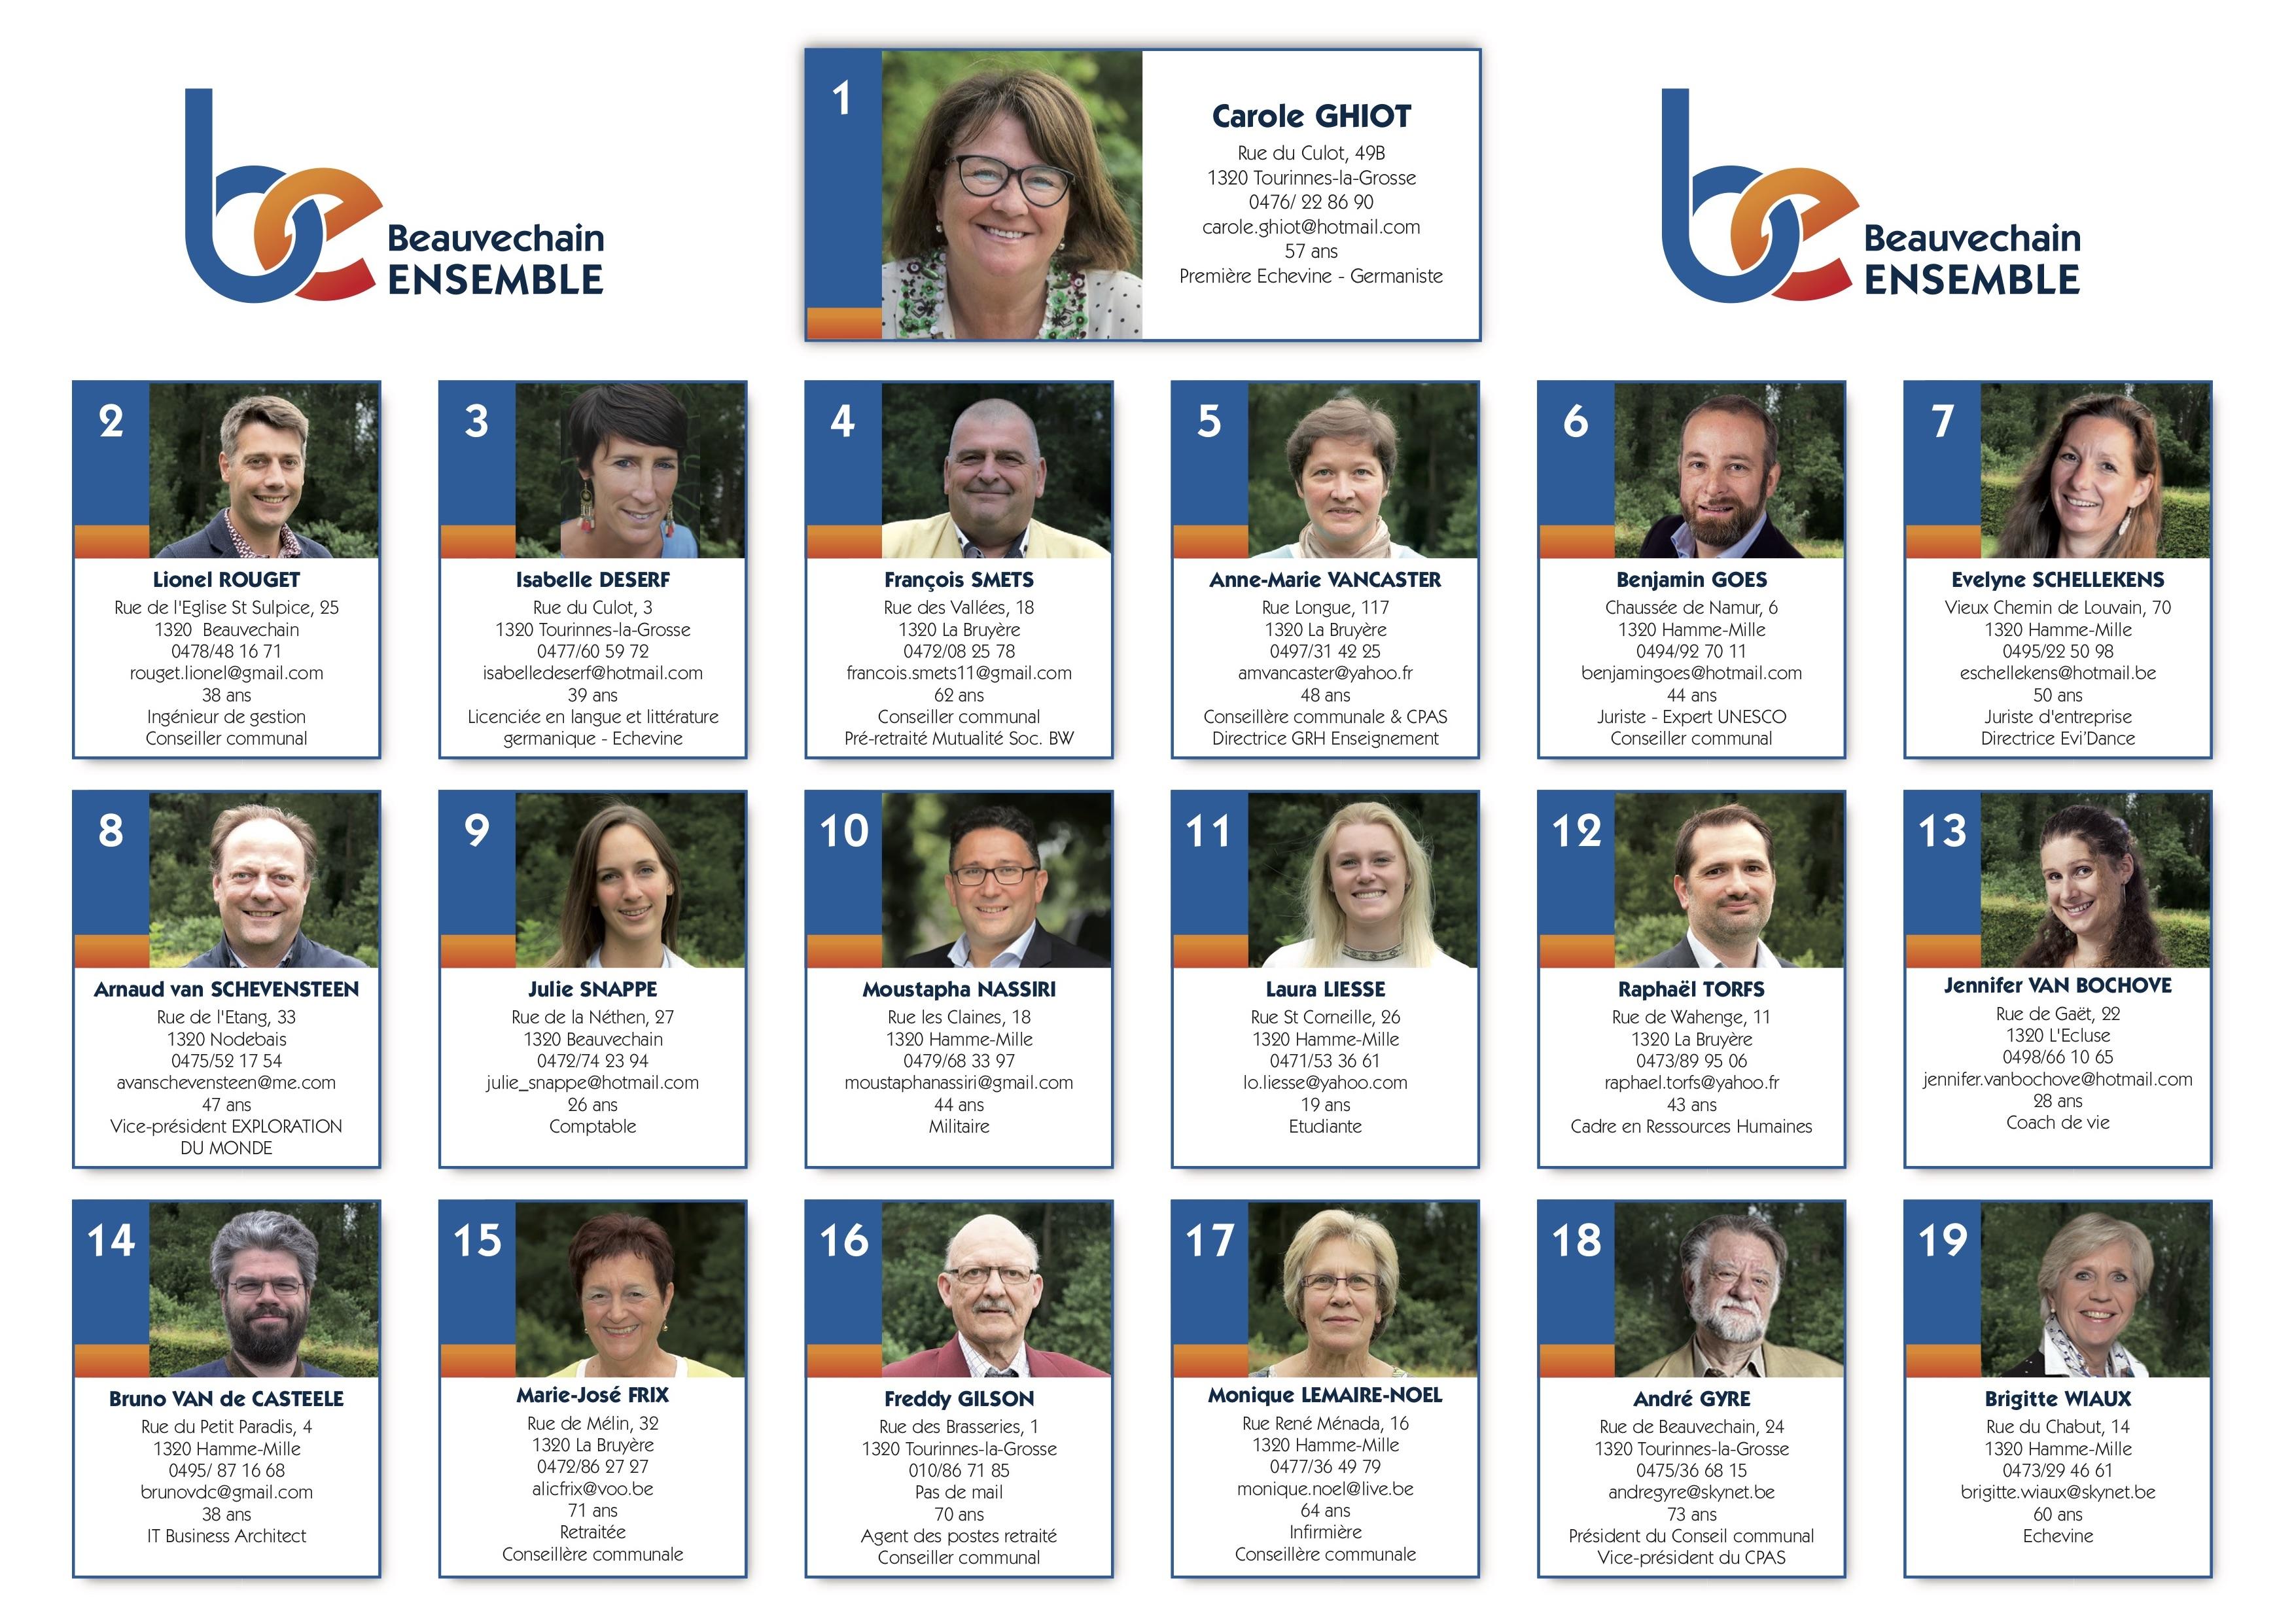 Les candidats Beauvechain Ensemble